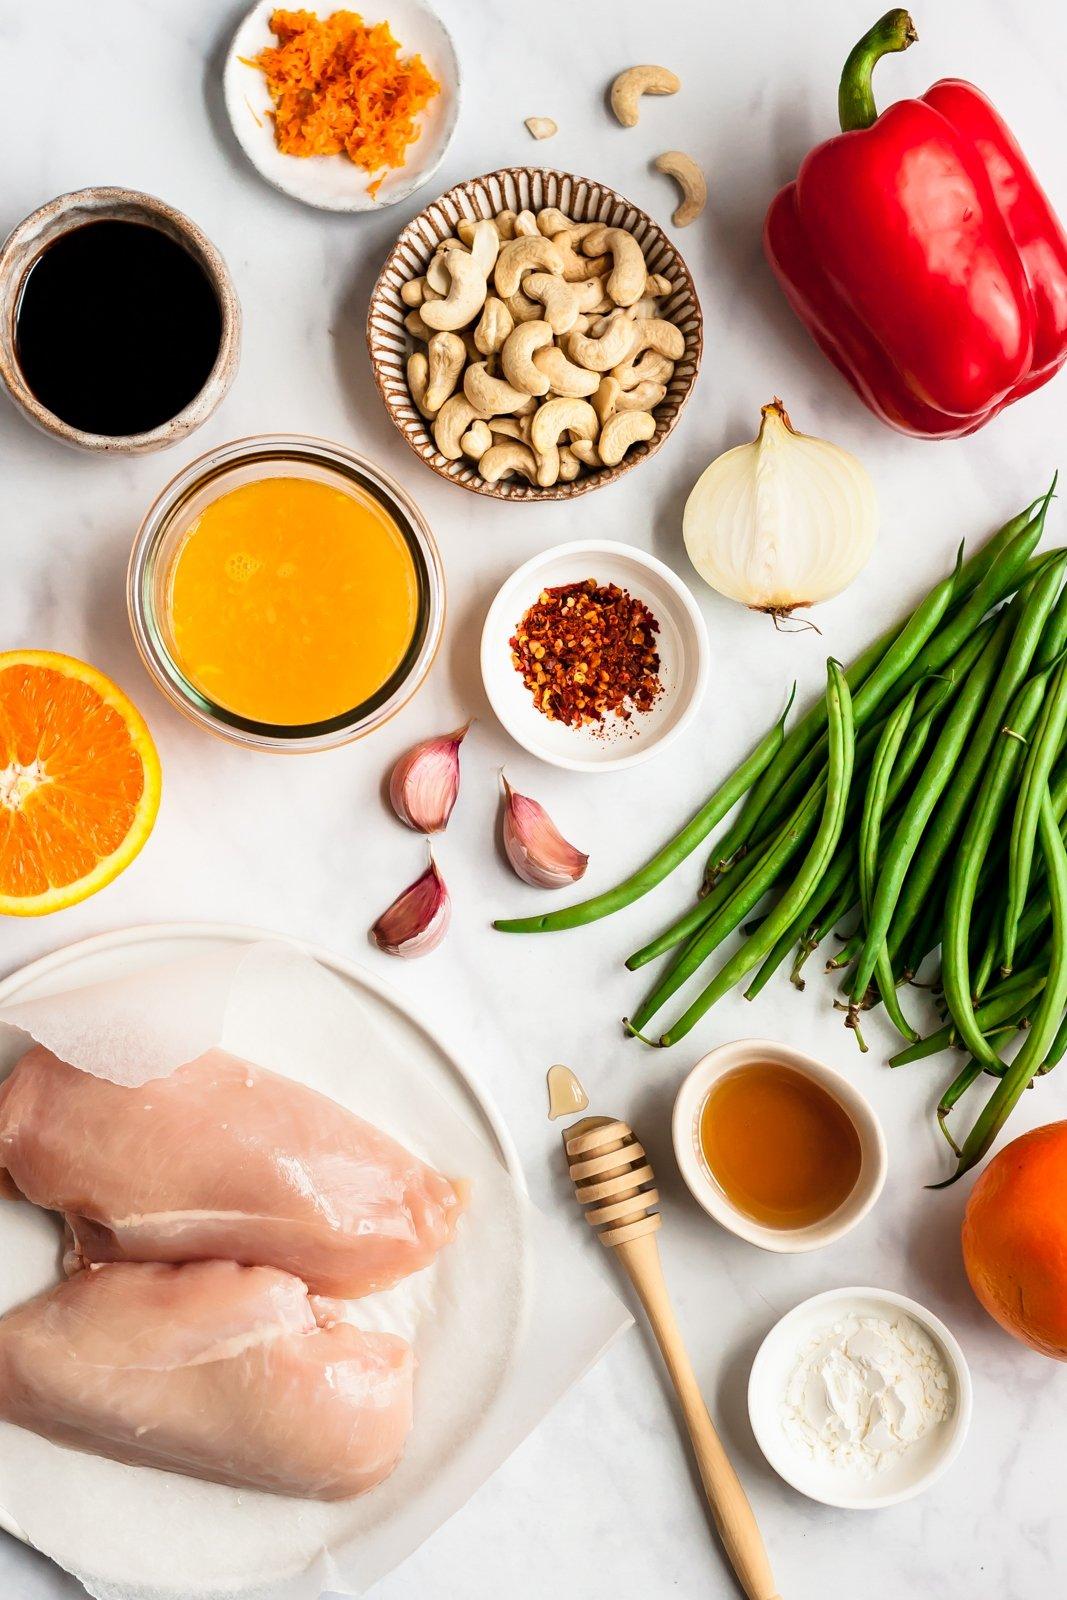 orange chicken stir fry ingredients